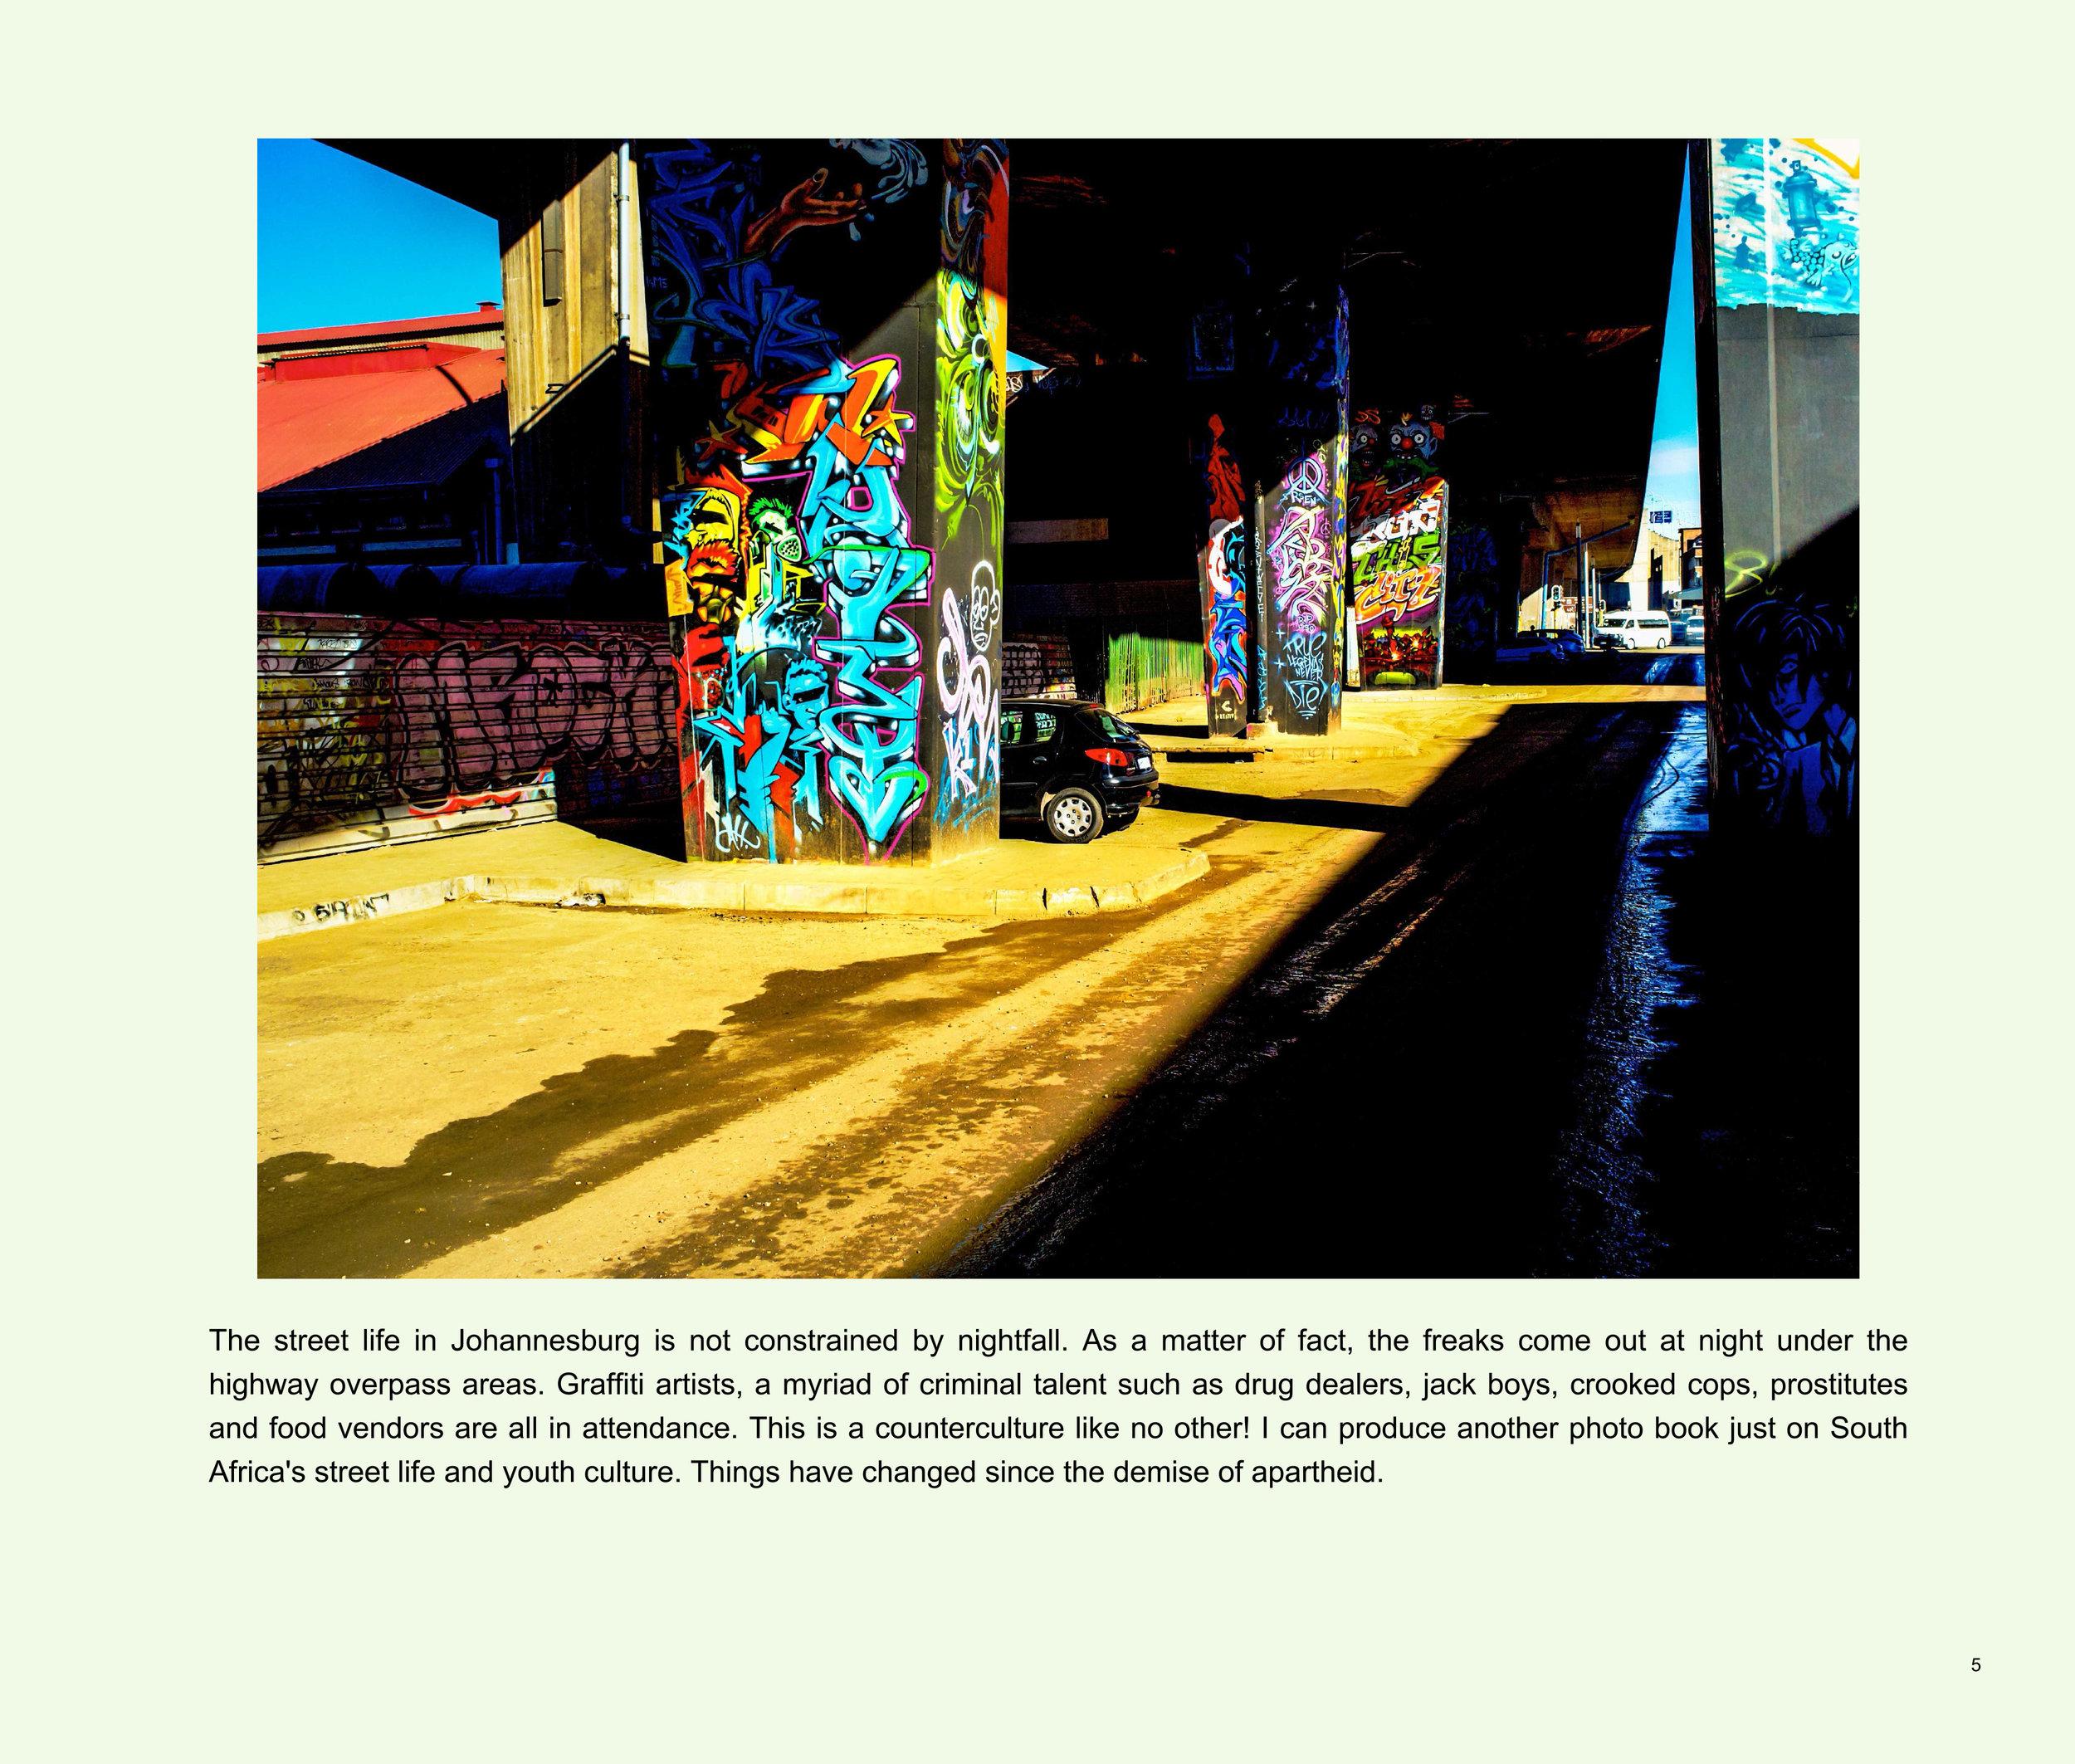 ImagesASouthernAfricaRoadTrip-7.jpg